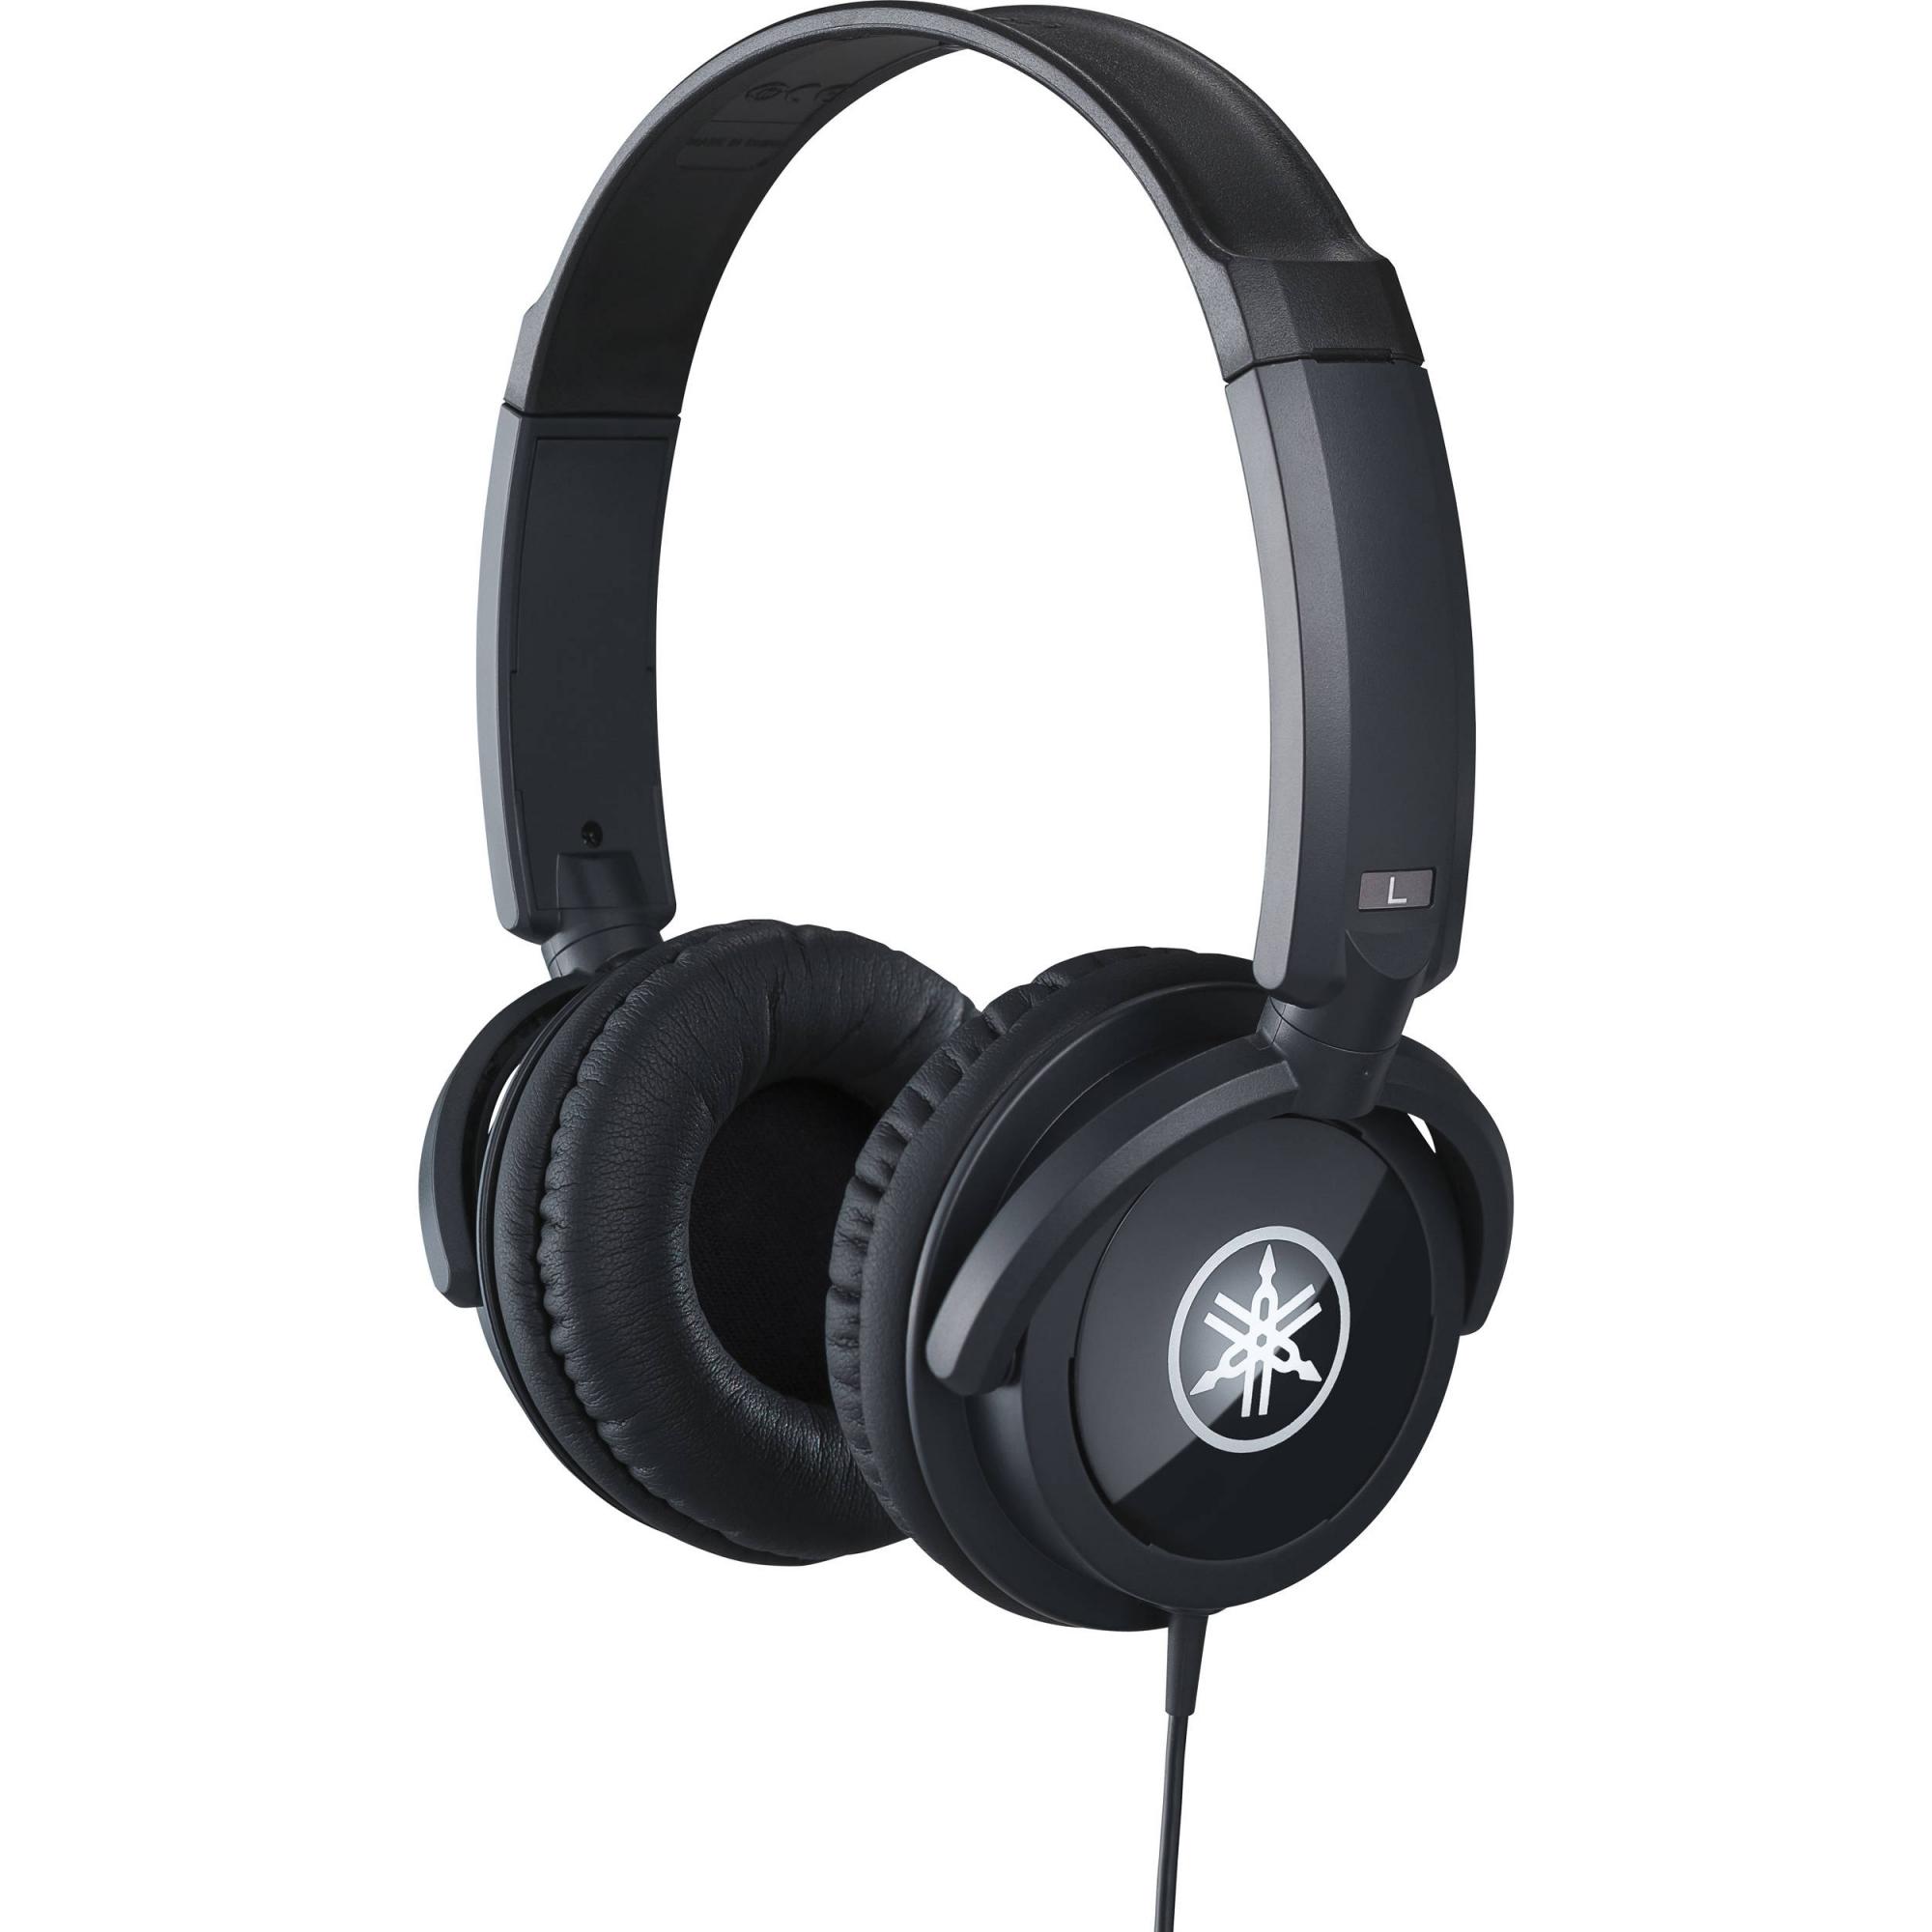 Image of   Yamaha HPH-100, Closed headphone, black